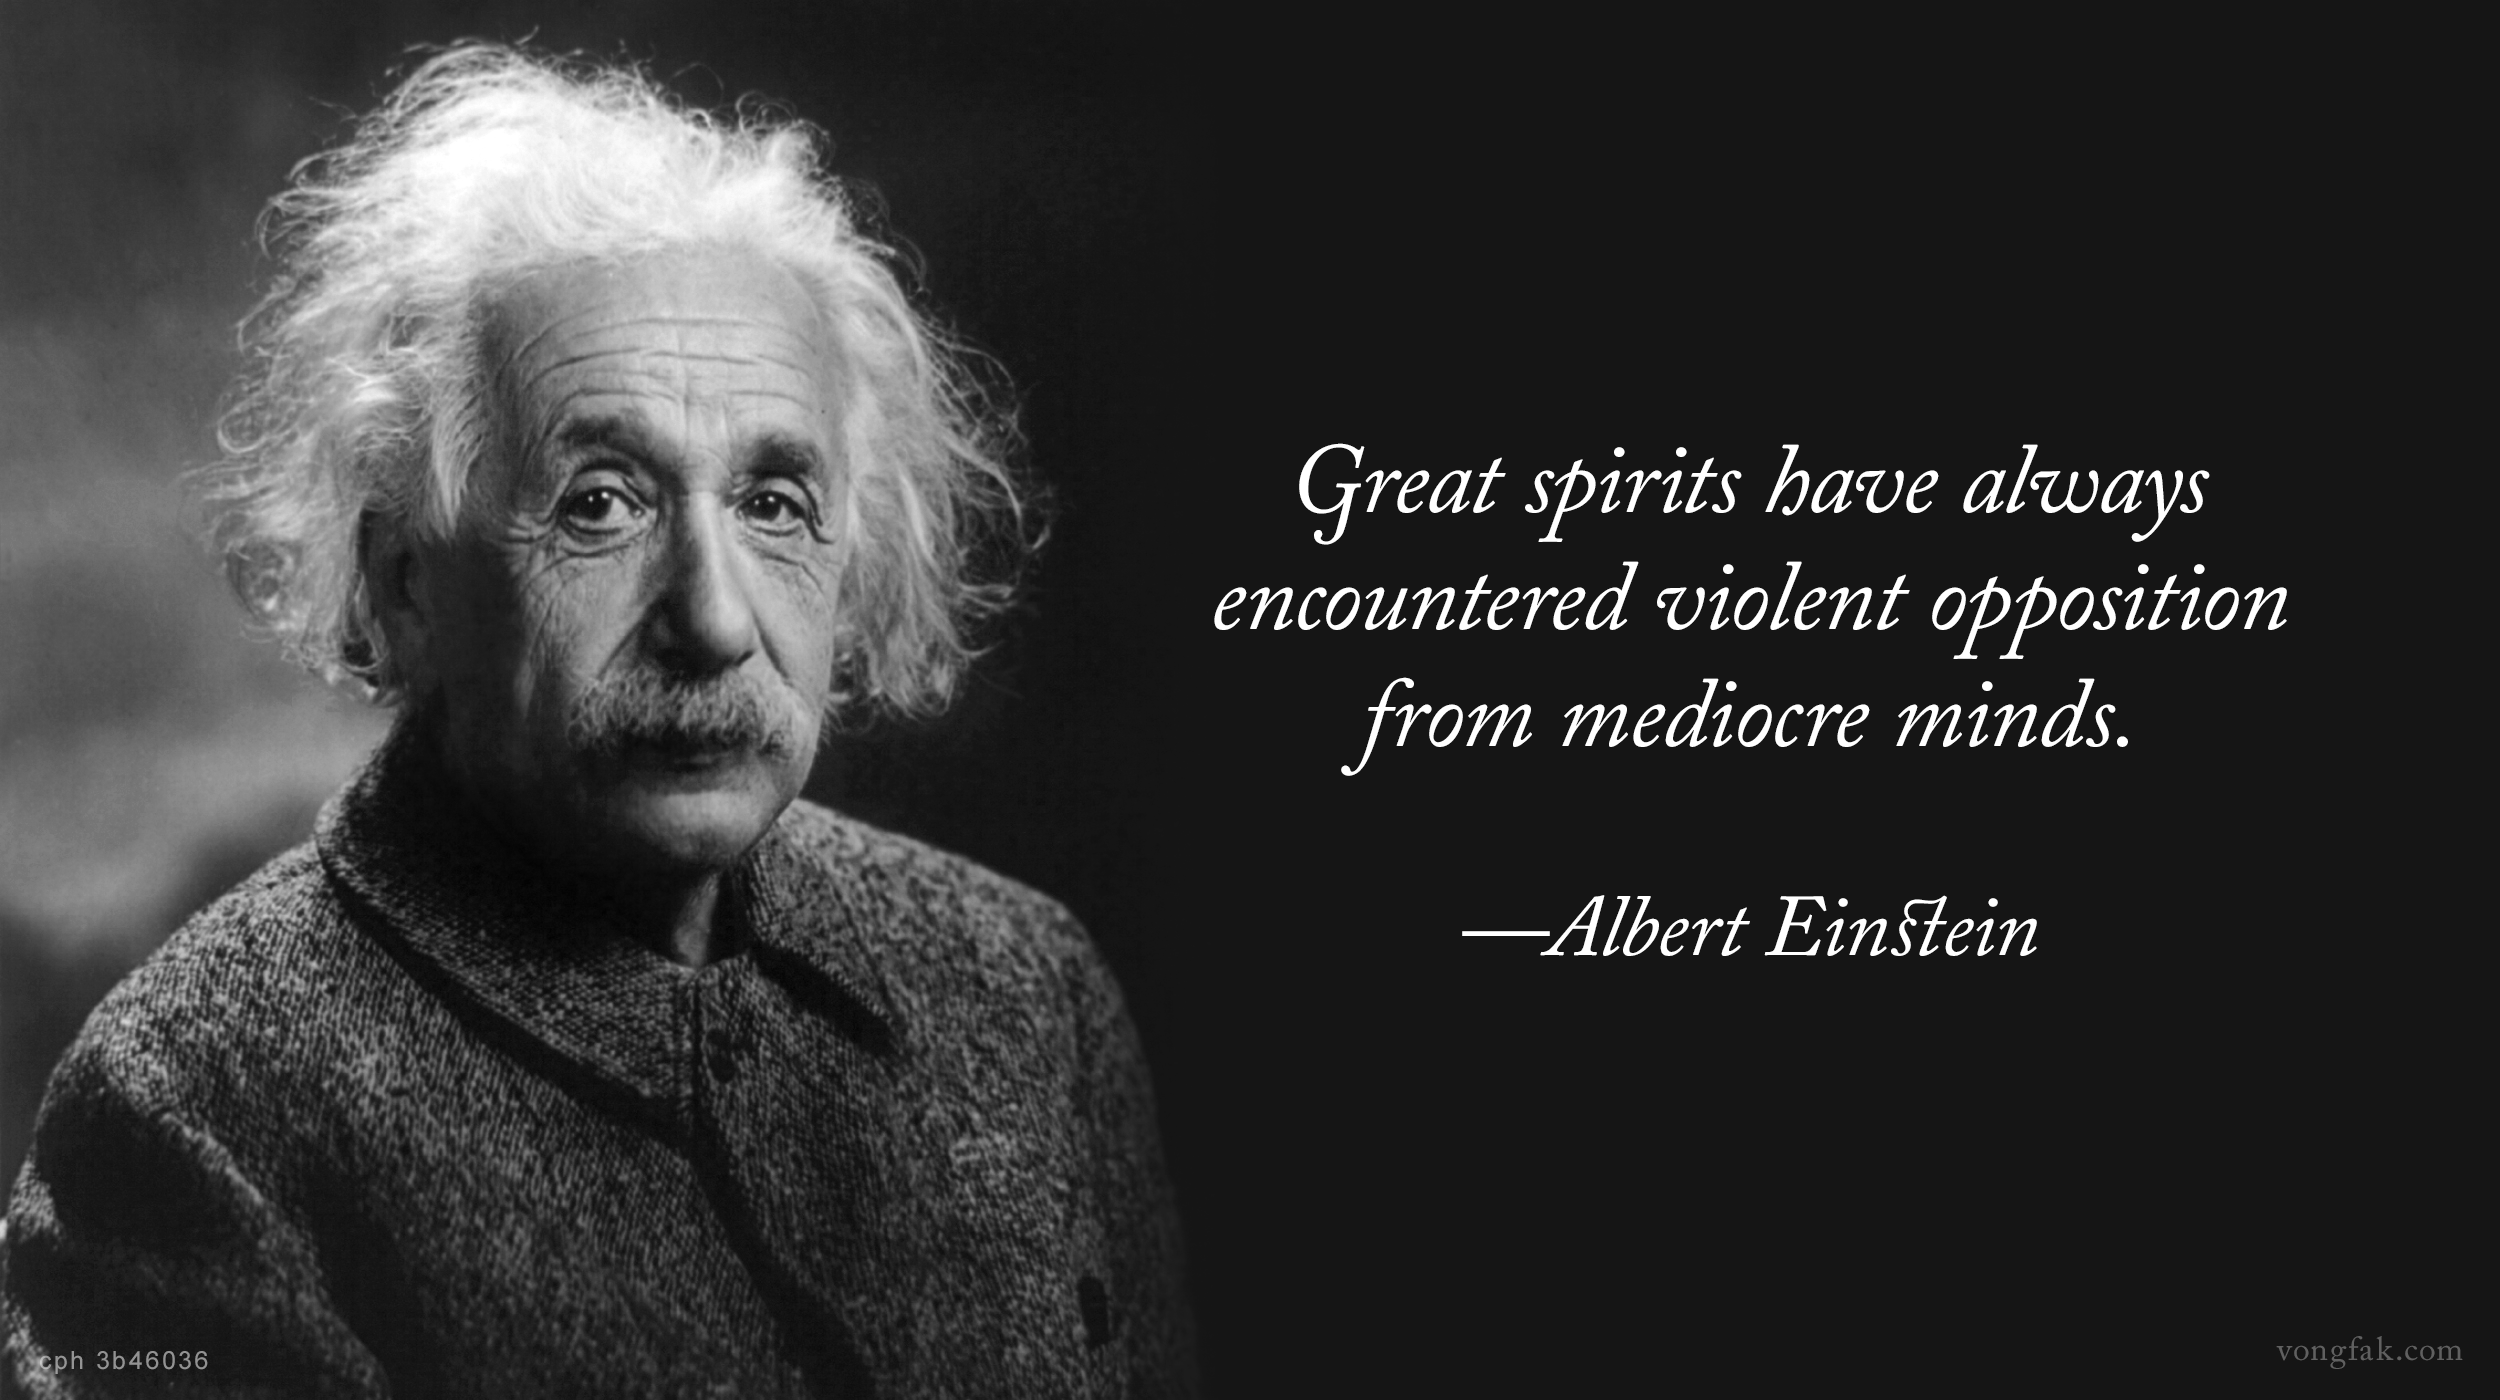 Quote_AlbertEinstein_15.png